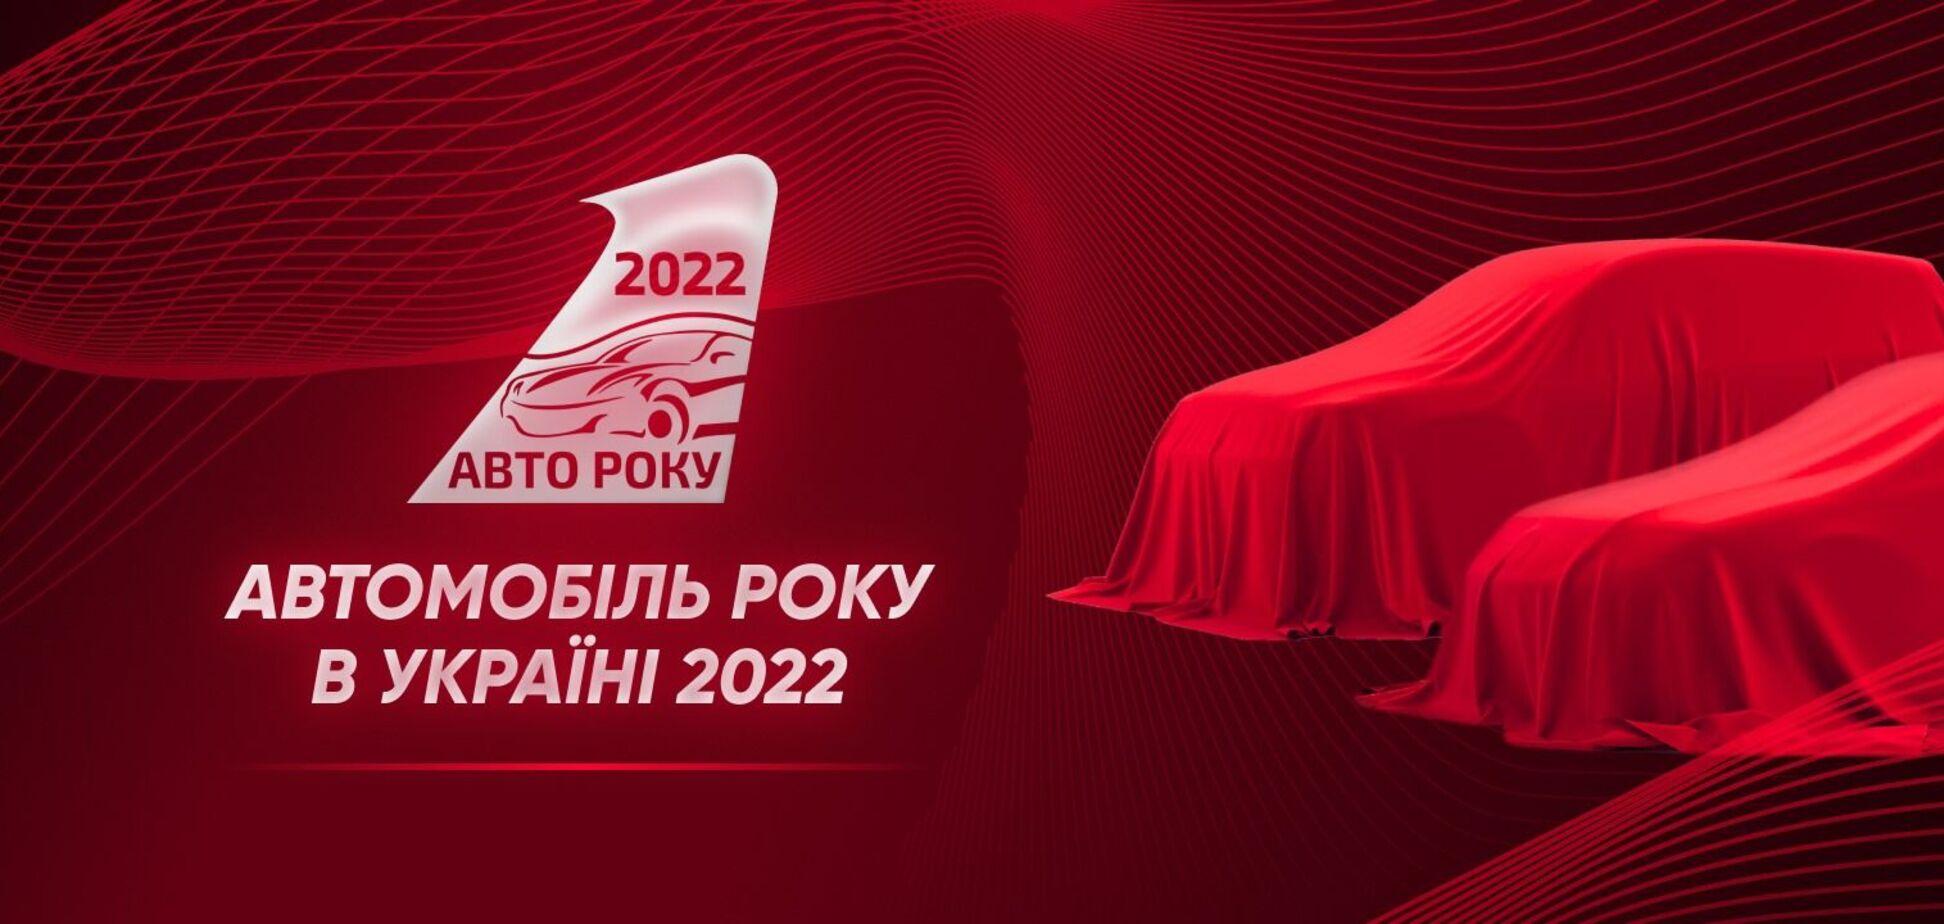 В Україні стартувала акція 'Автомобіль року 2022'